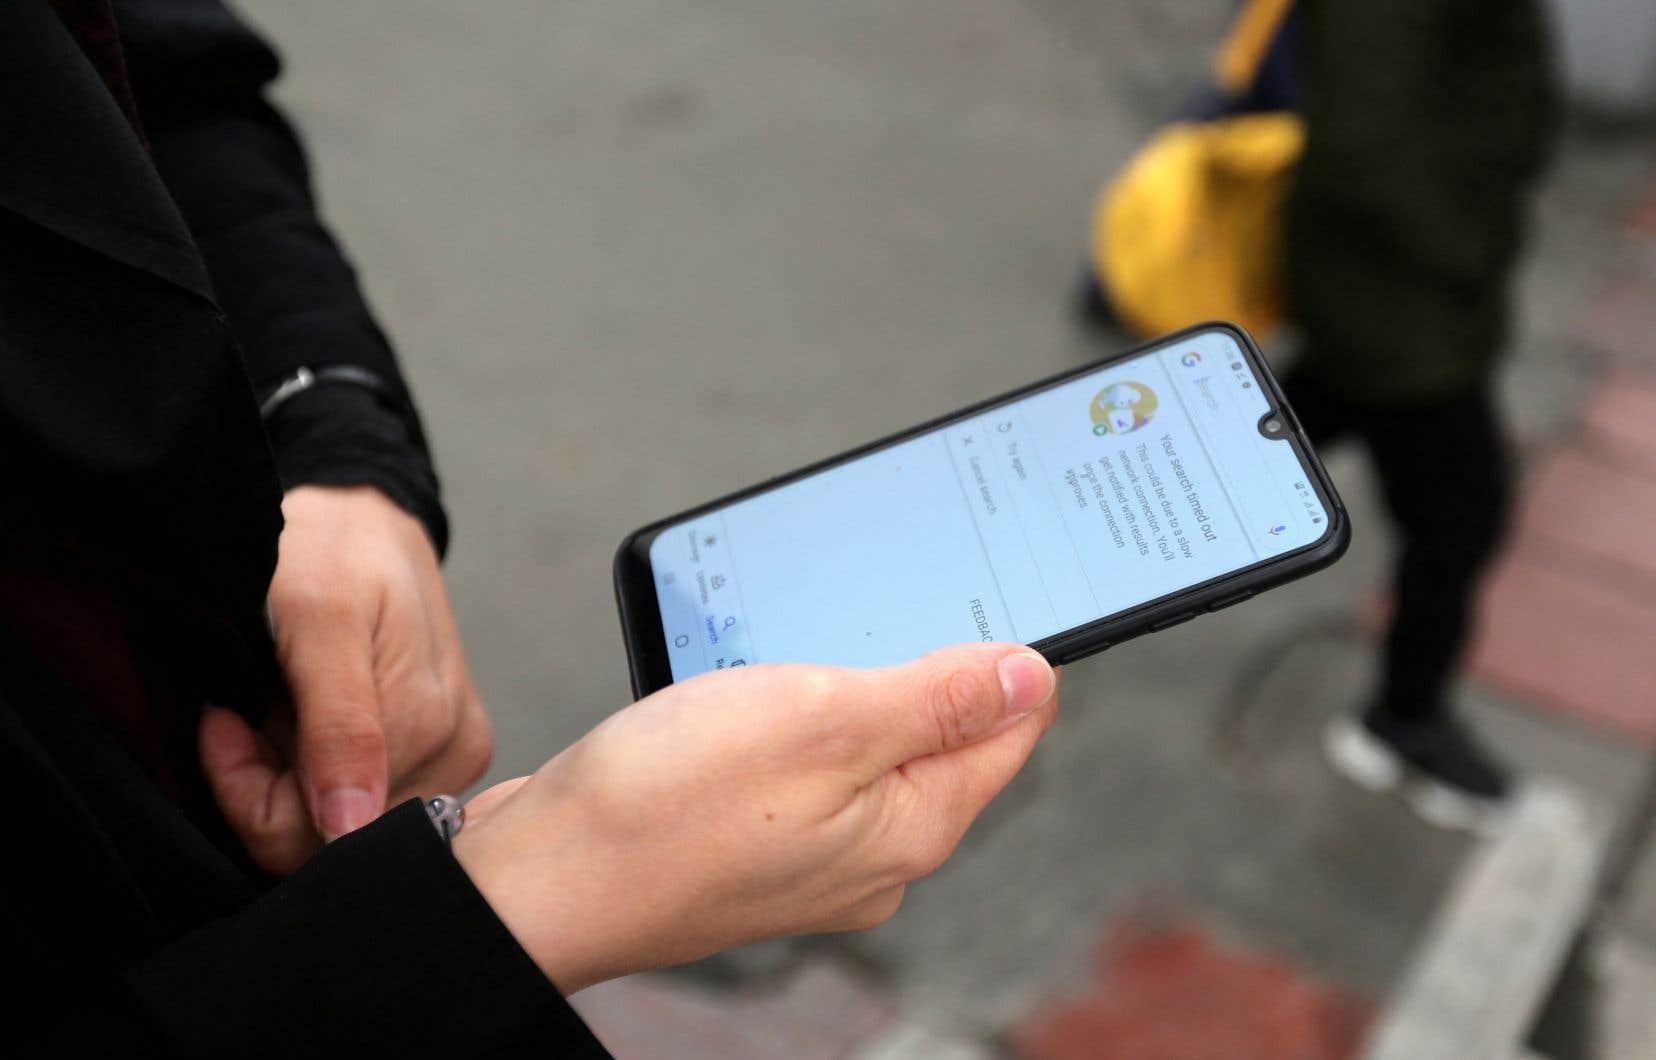 En Iran, l'accès à Internet est largement filtré ou restreint par les autorités: sans logiciel anticensure de type RPV (réseau privé virtuel — VPN en anglais), l'essentiel des pages Web hébergées hors du pays est inaccessible.